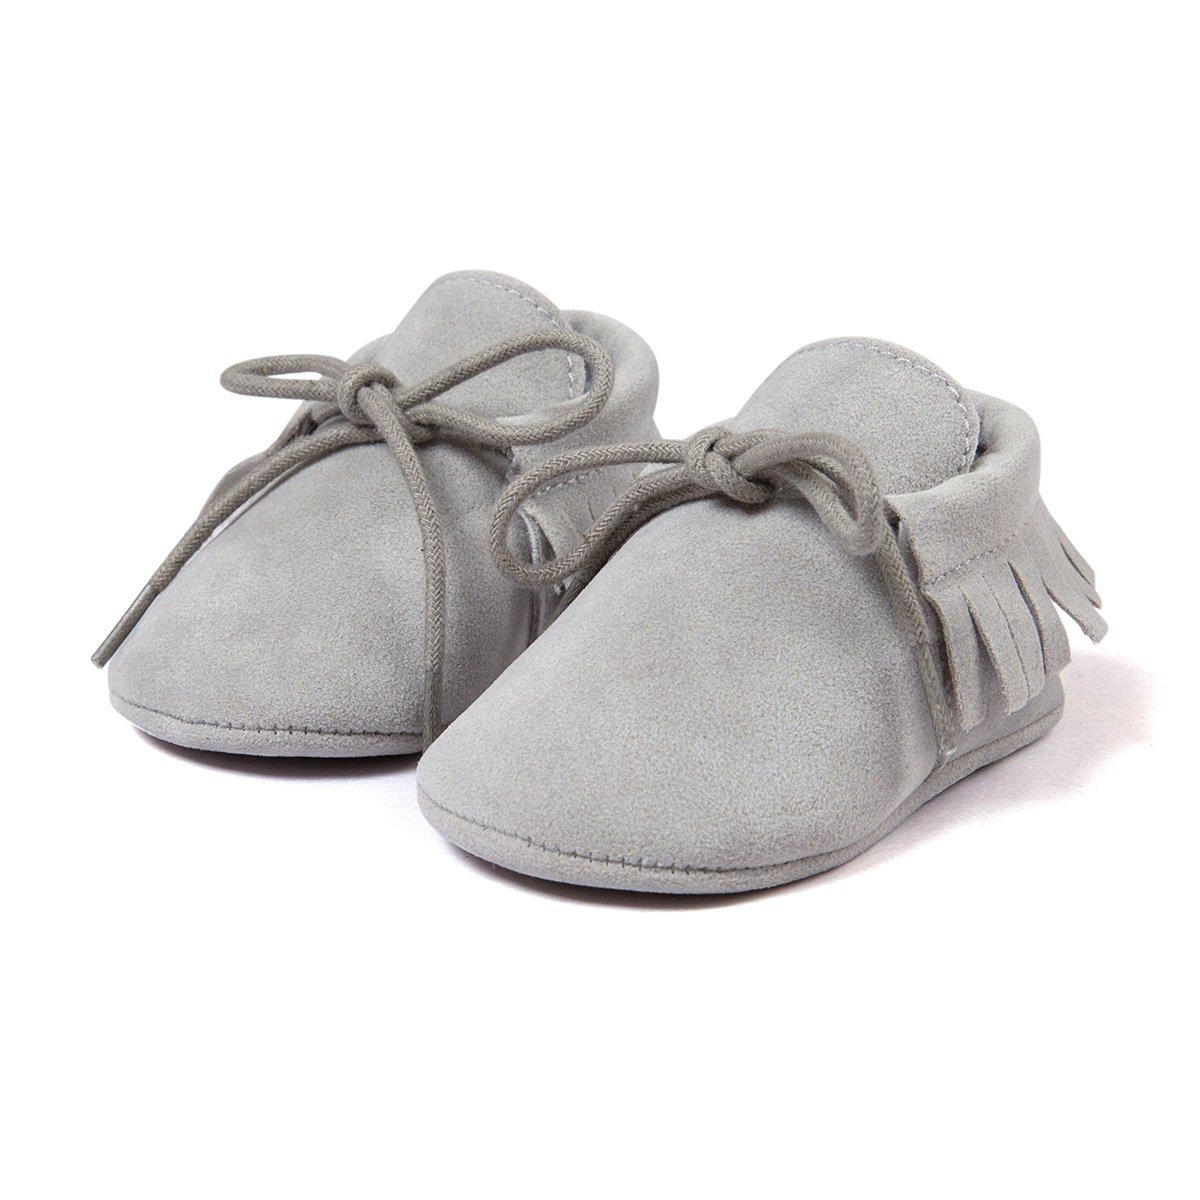 11cm//0-6 Monate, Khaki Auxma Baby M/ädchen Junge Wiege-Quasten-weiche alleinige einzelne beil/äufige Schuhe